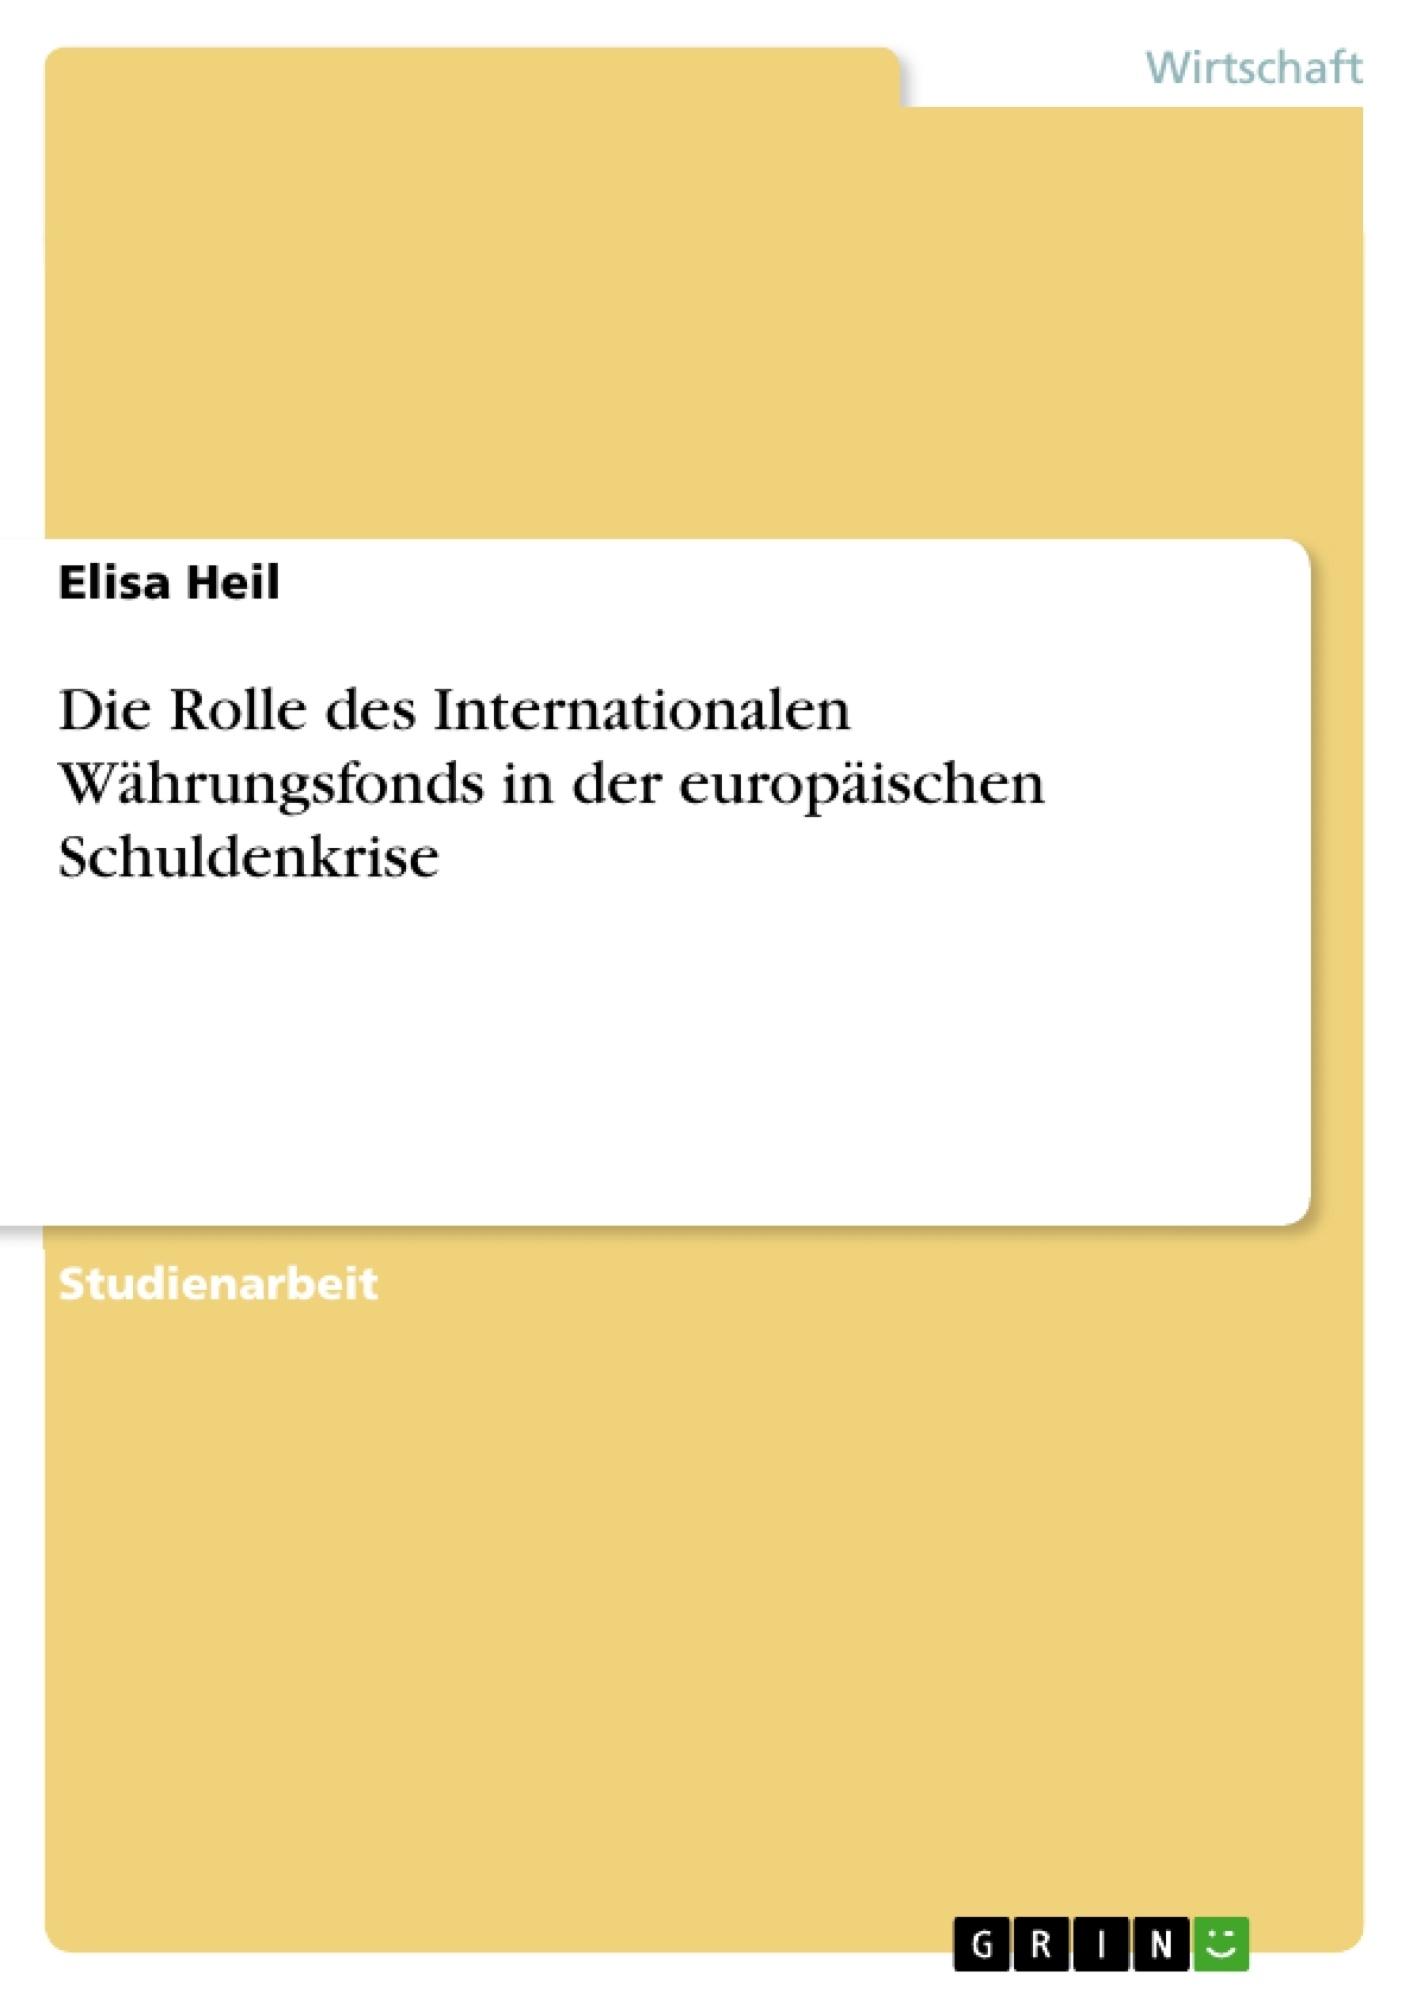 Titel: Die Rolle des Internationalen Währungsfonds in der europäischen Schuldenkrise